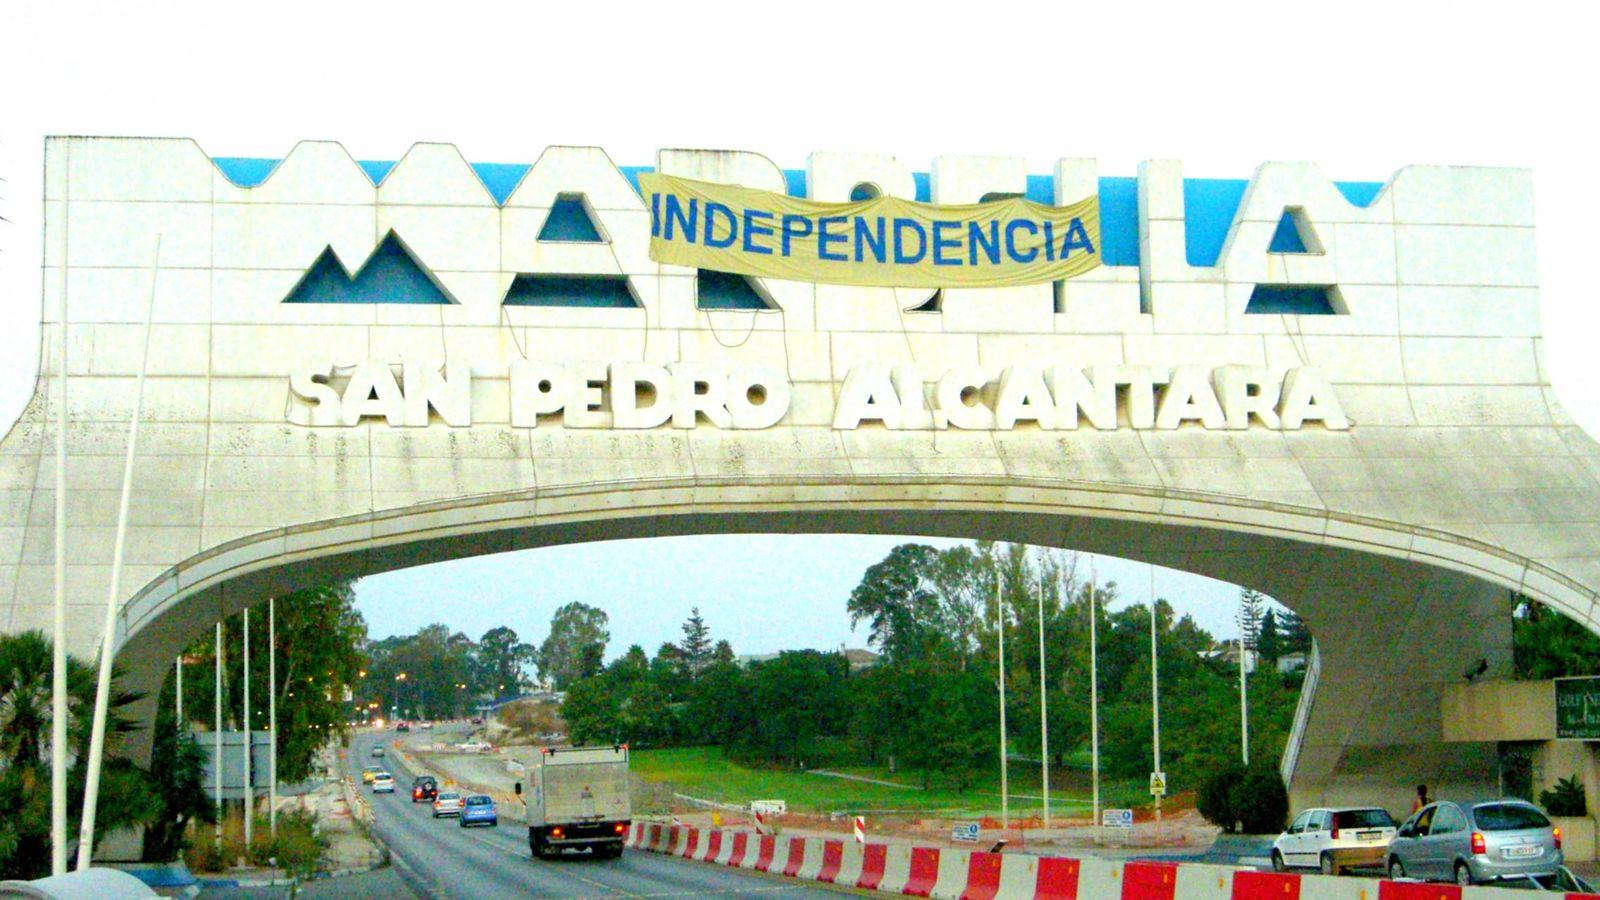 Foto: Las reivindicaciones de independencia han llegado hasta el arco de San Pedro. (A.G.)